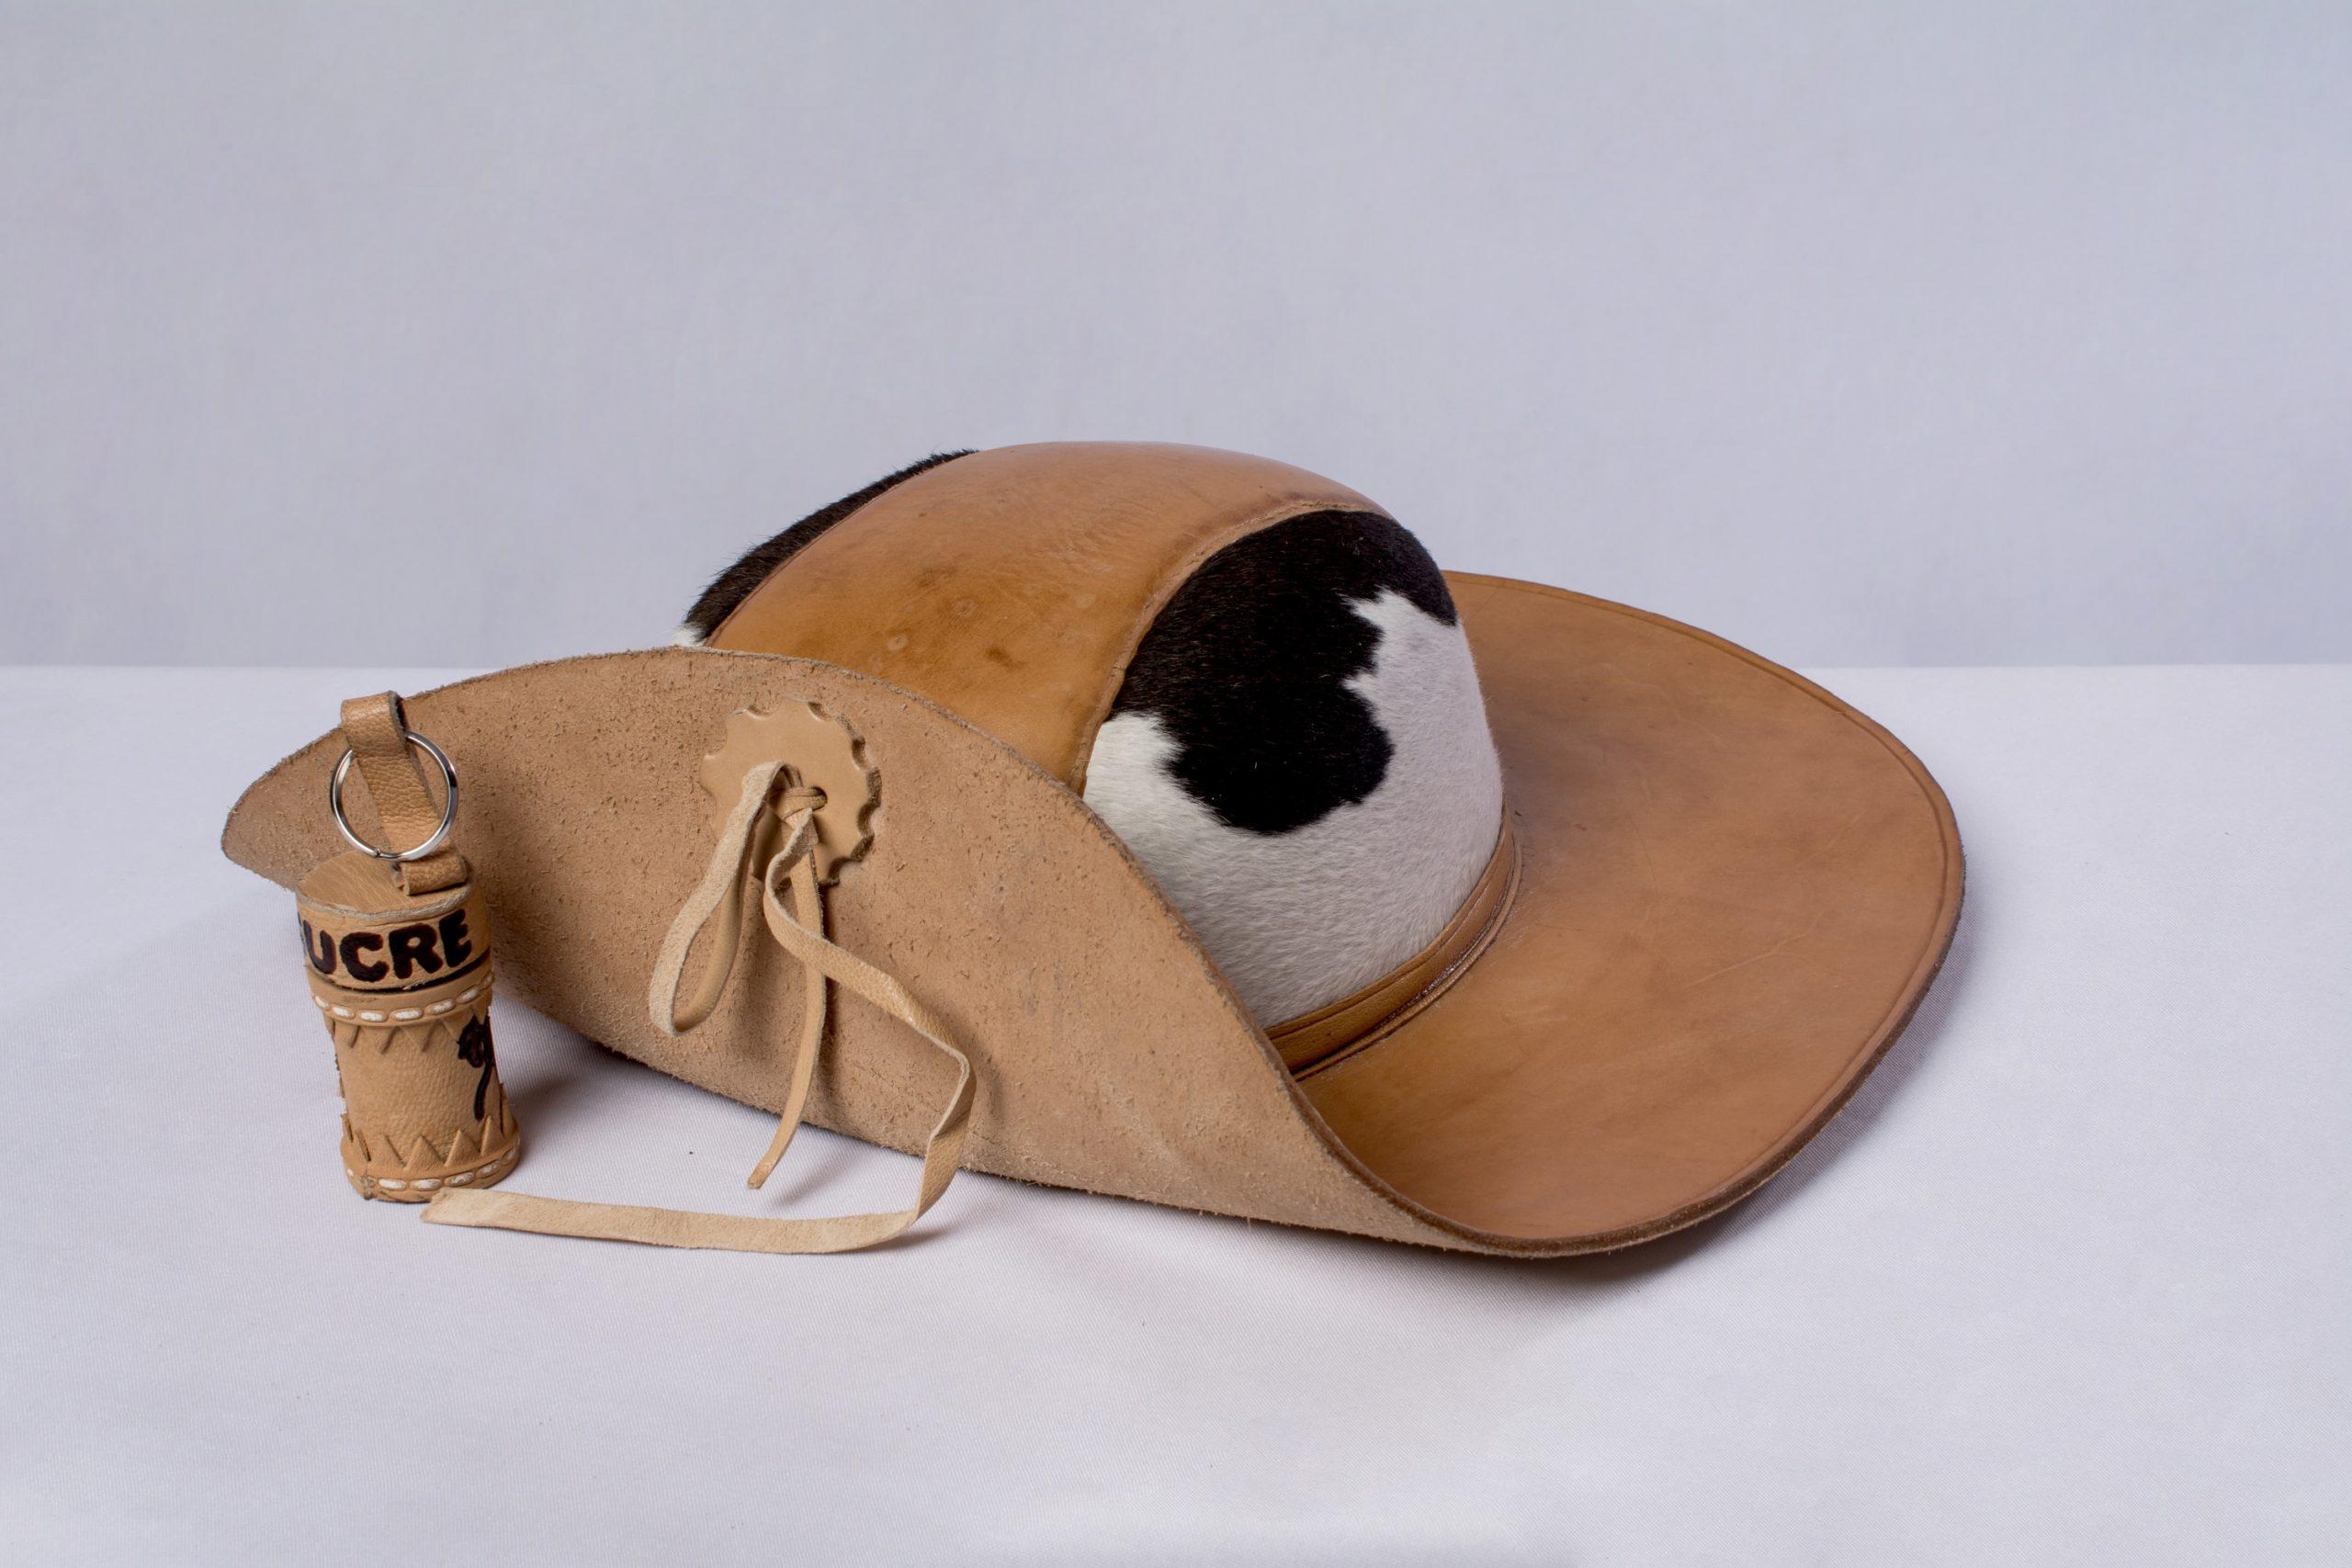 Sombrero Chaqueño (artesanía en cuero).Material: Cuero de res.